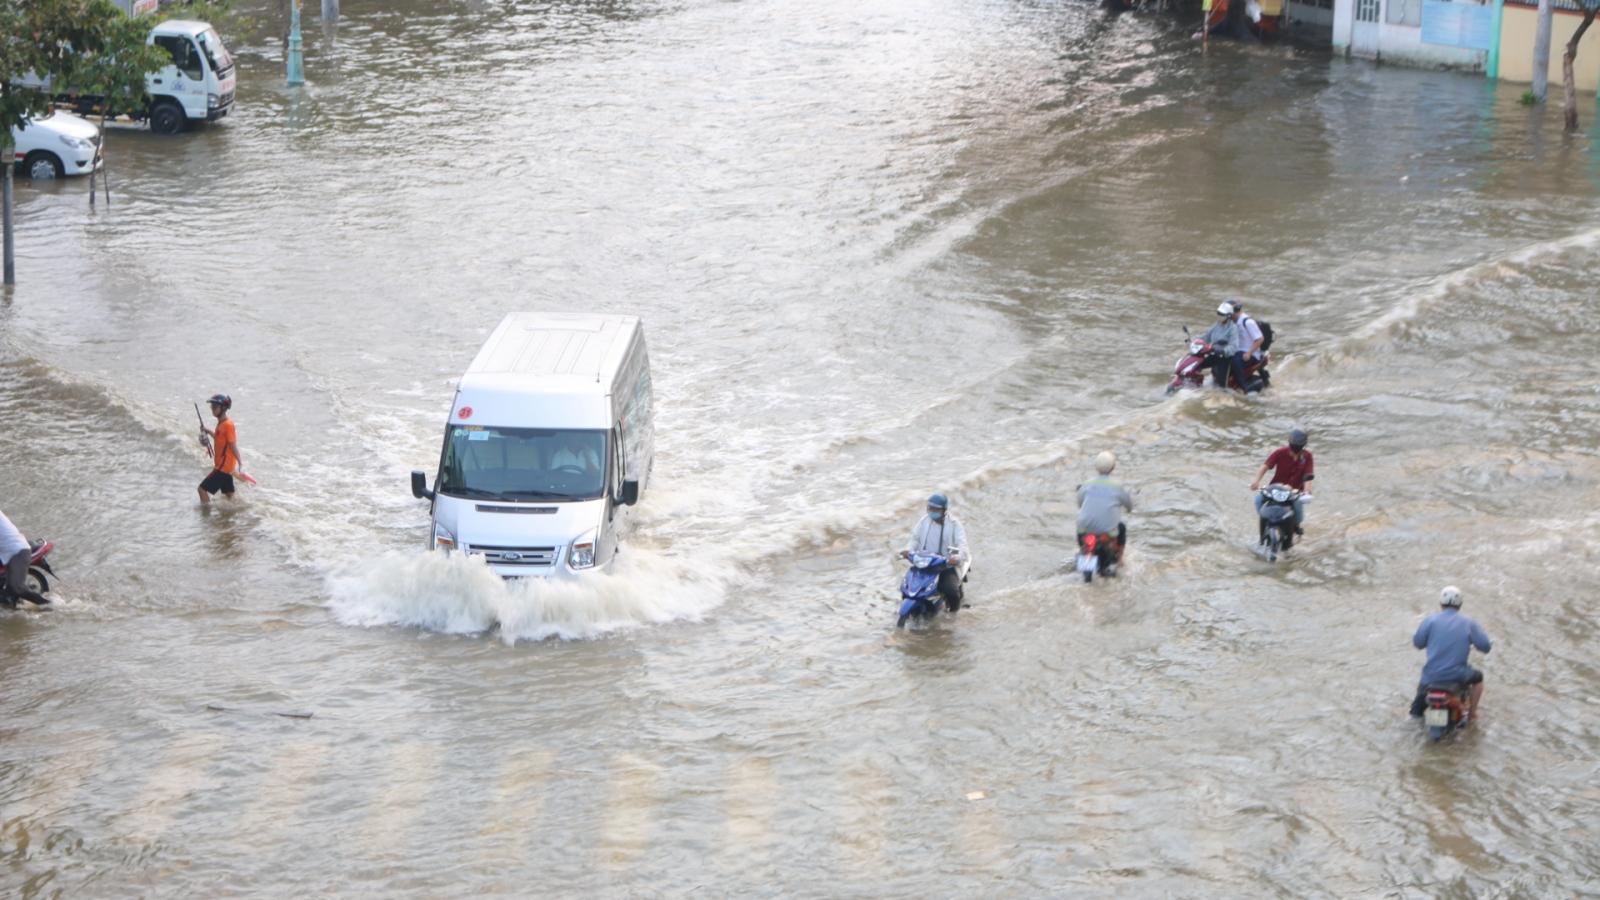 Triều cường dâng cao khiến nhiều tuyến đường, nhà dân ở TPHCM ngập nặng